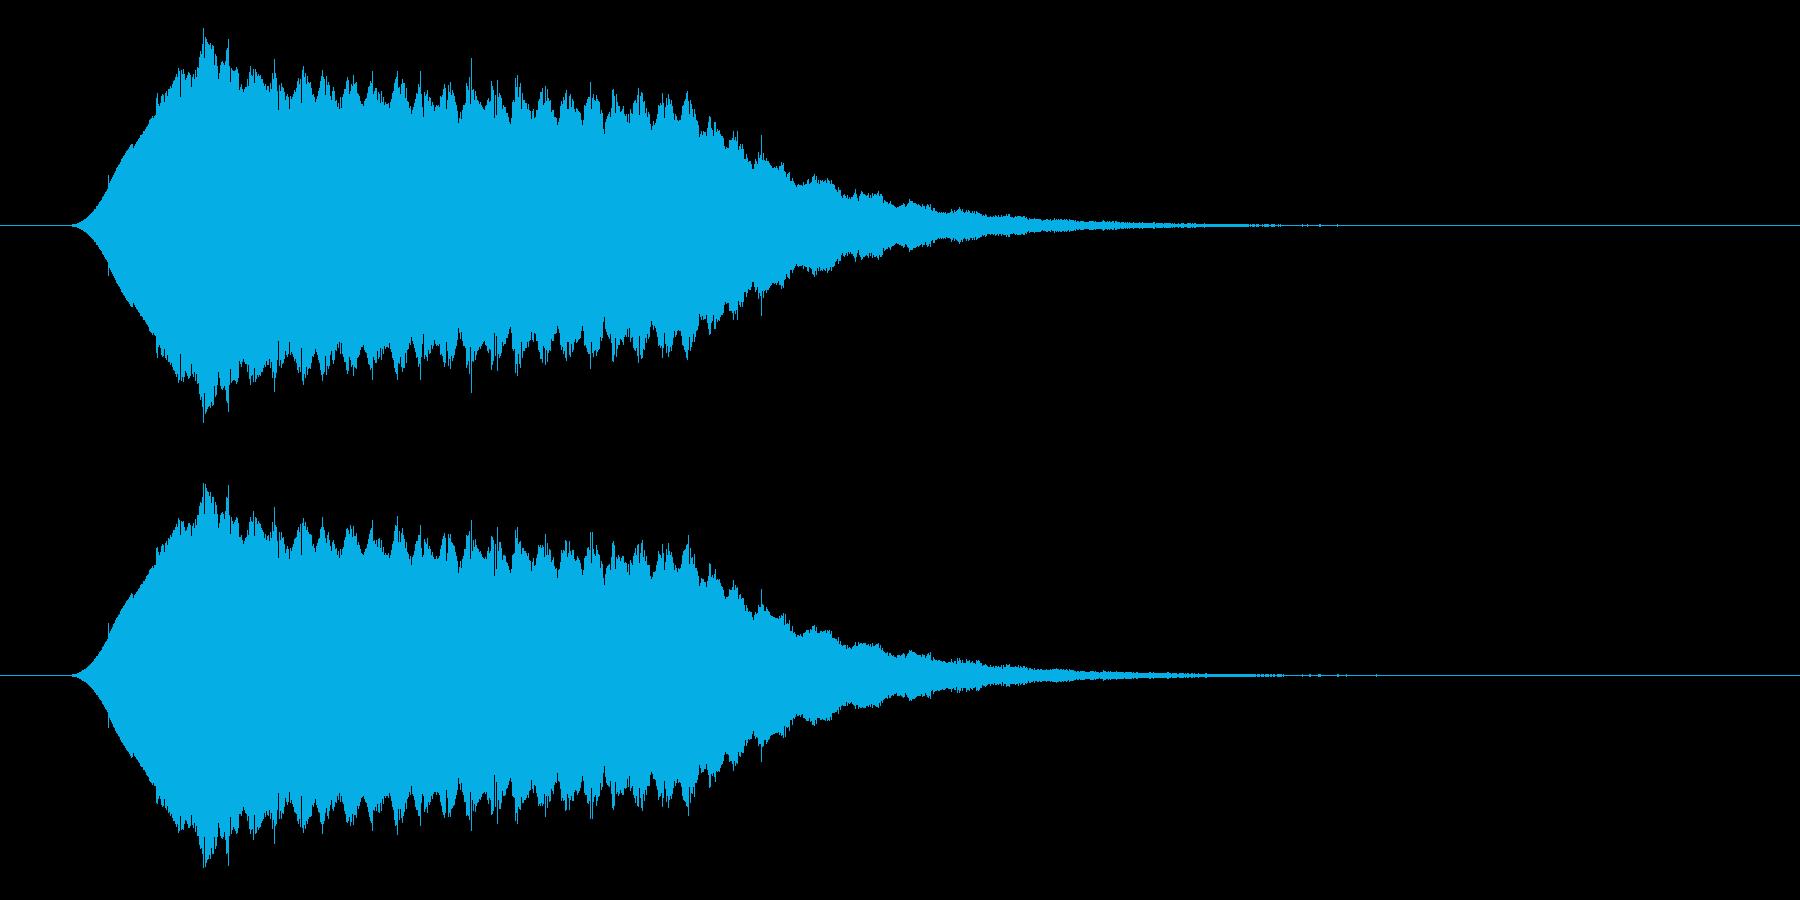 流れ星/キラキラ/落下の再生済みの波形